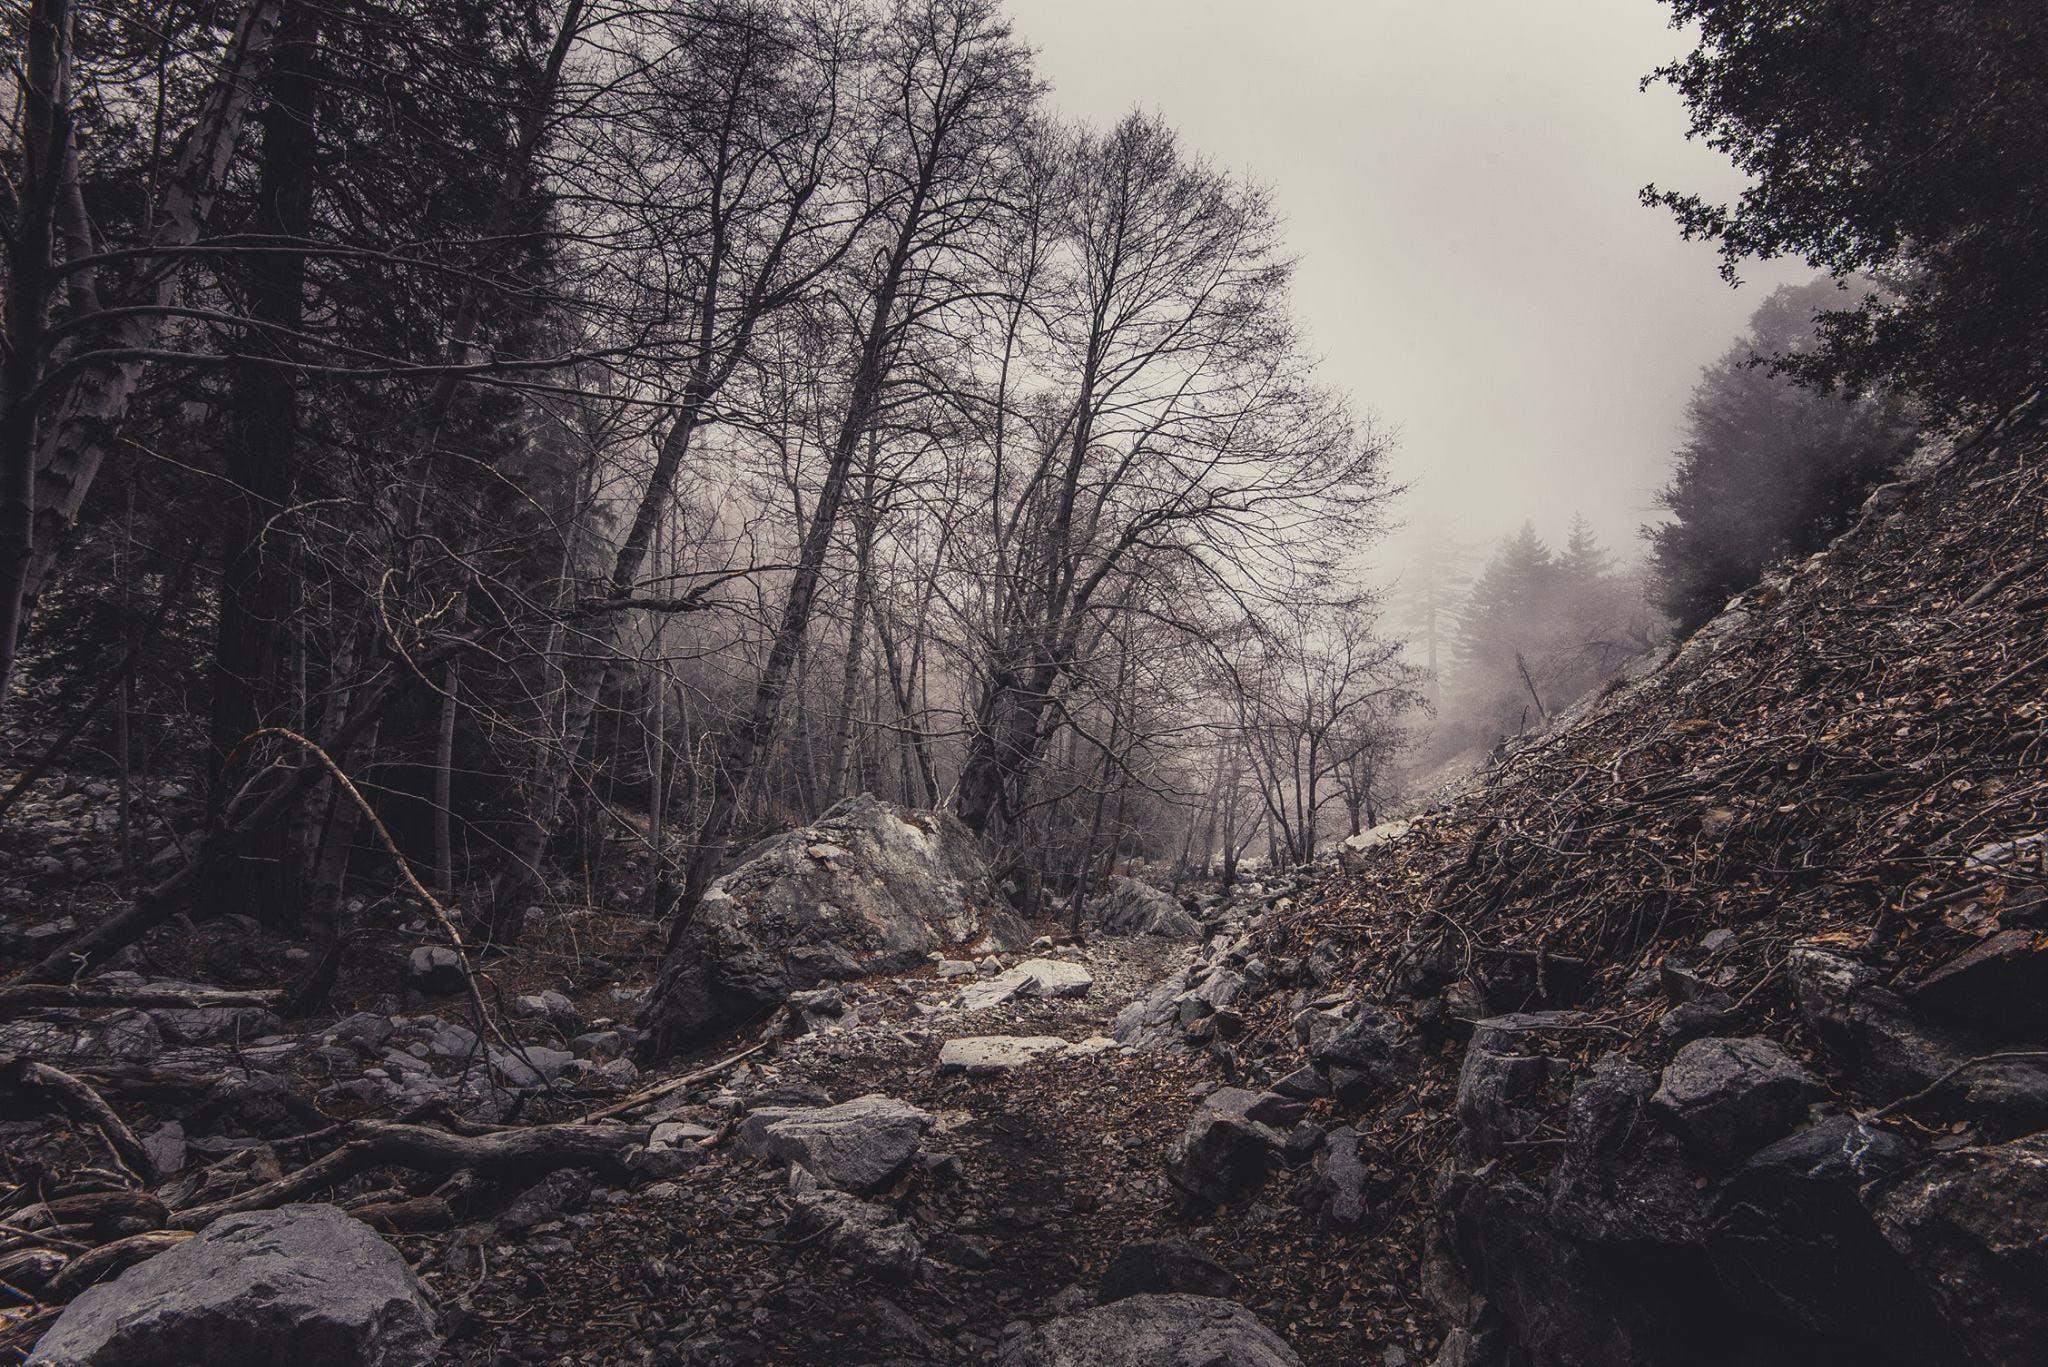 Gratis stockfoto met bomen, Bos, bossen, mistachtig